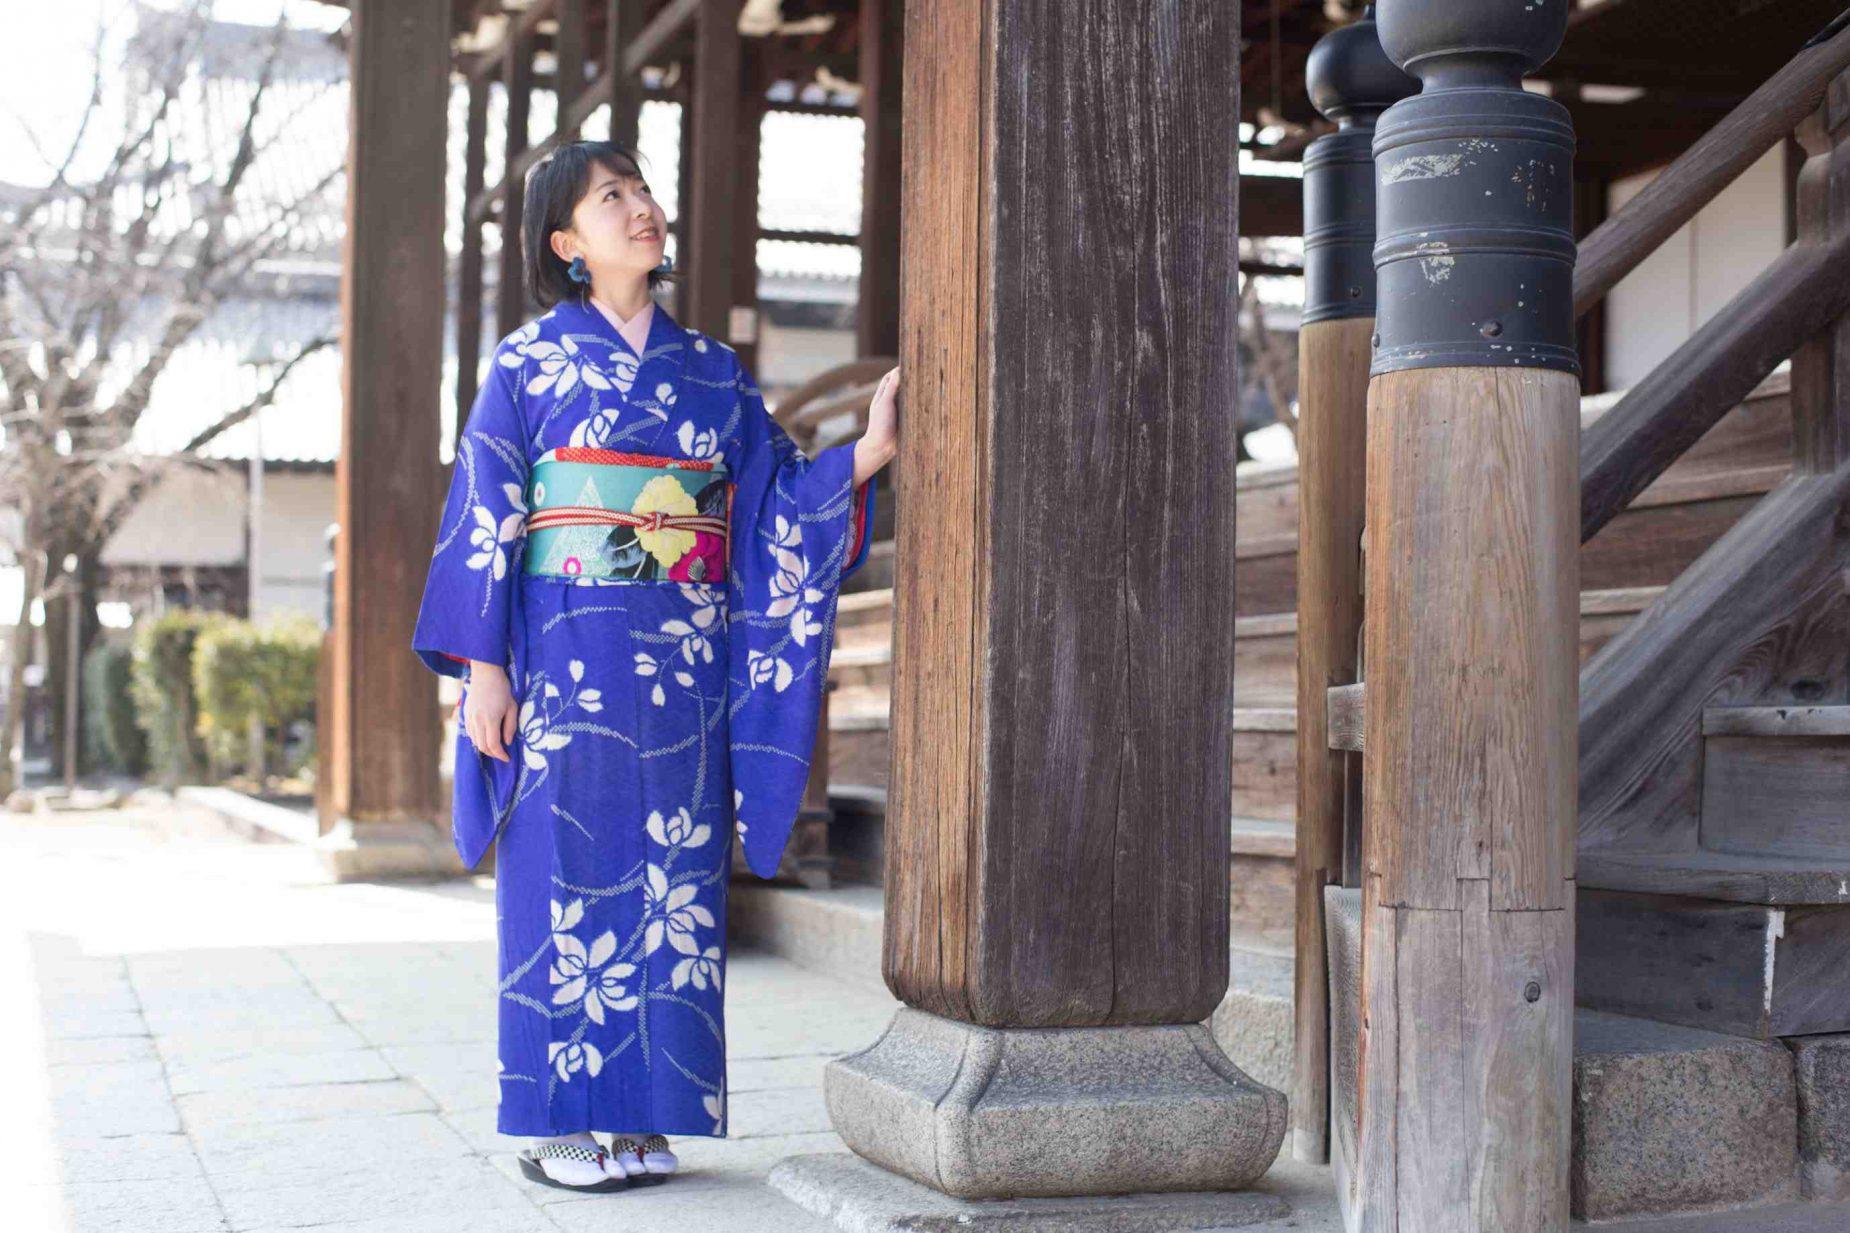 着付けが完成。宮川さんの着付けはきれい且つ早い。写真は宮川徳三郎商店近くにある西山別院にて。